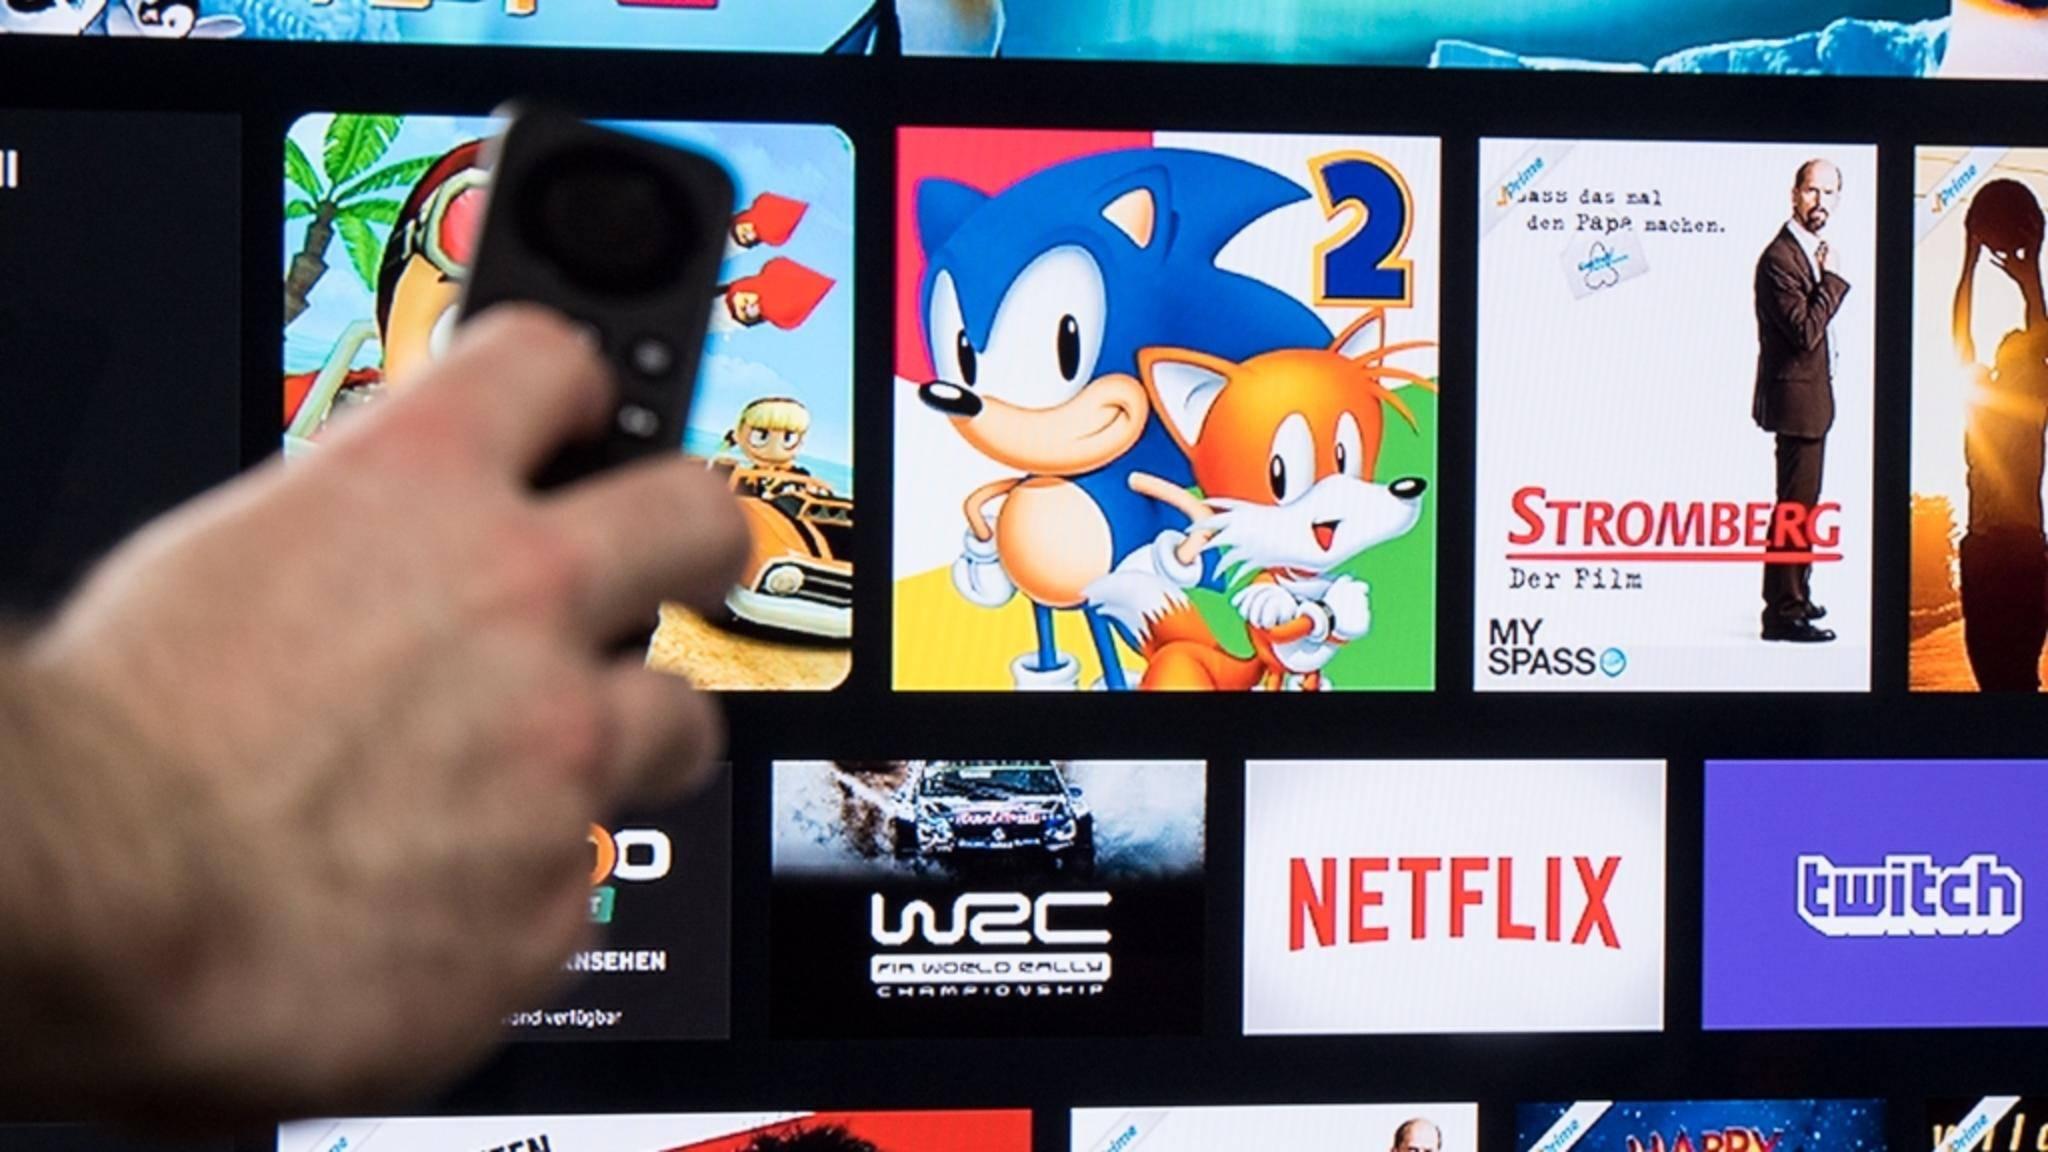 Wir verraten Dir, wie Du einen Webbrowser auf dem Fire TV nutzen kannst.